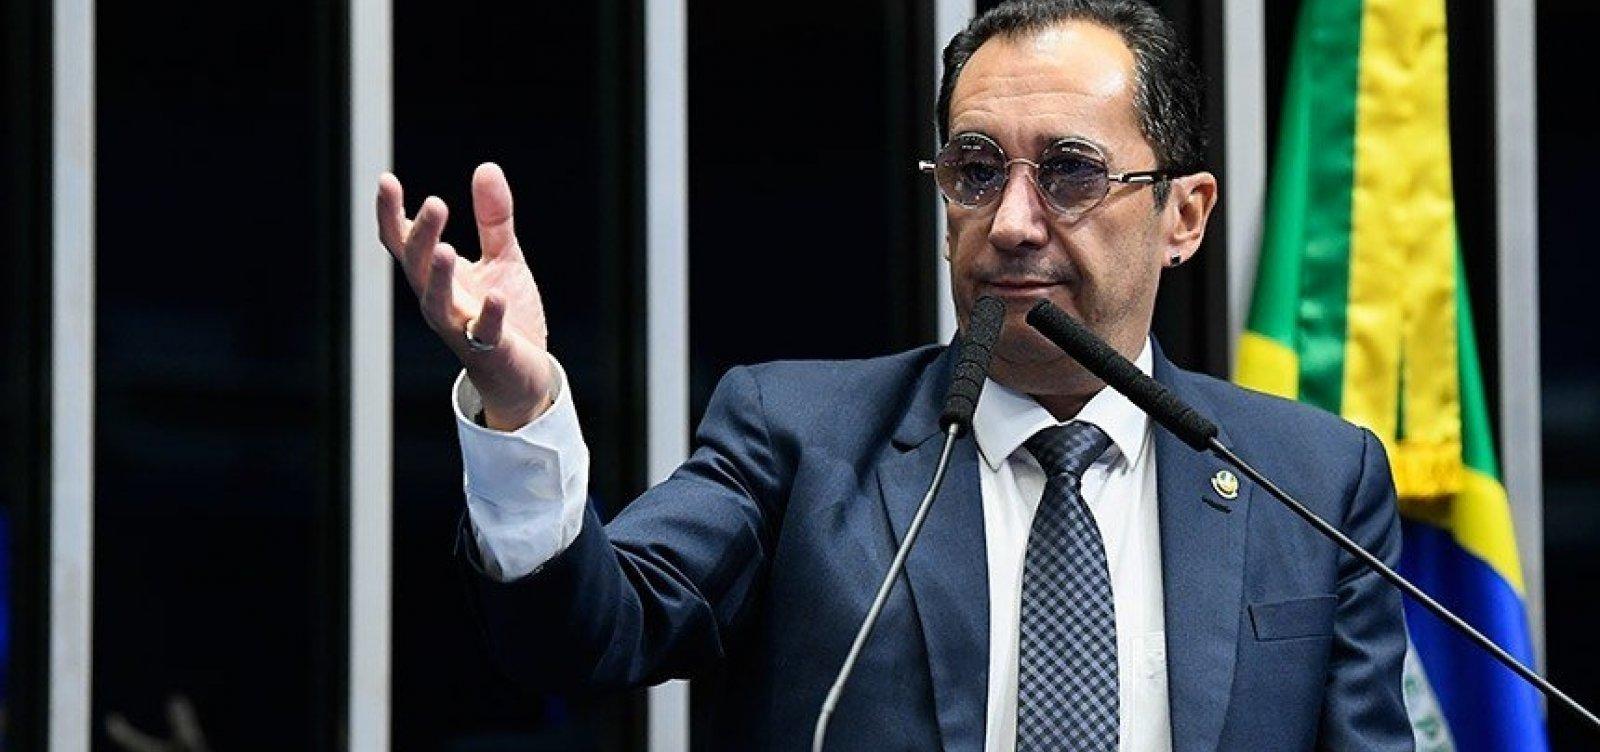 Senador Jorge Kajuru segue internado, mas tem quadro estável